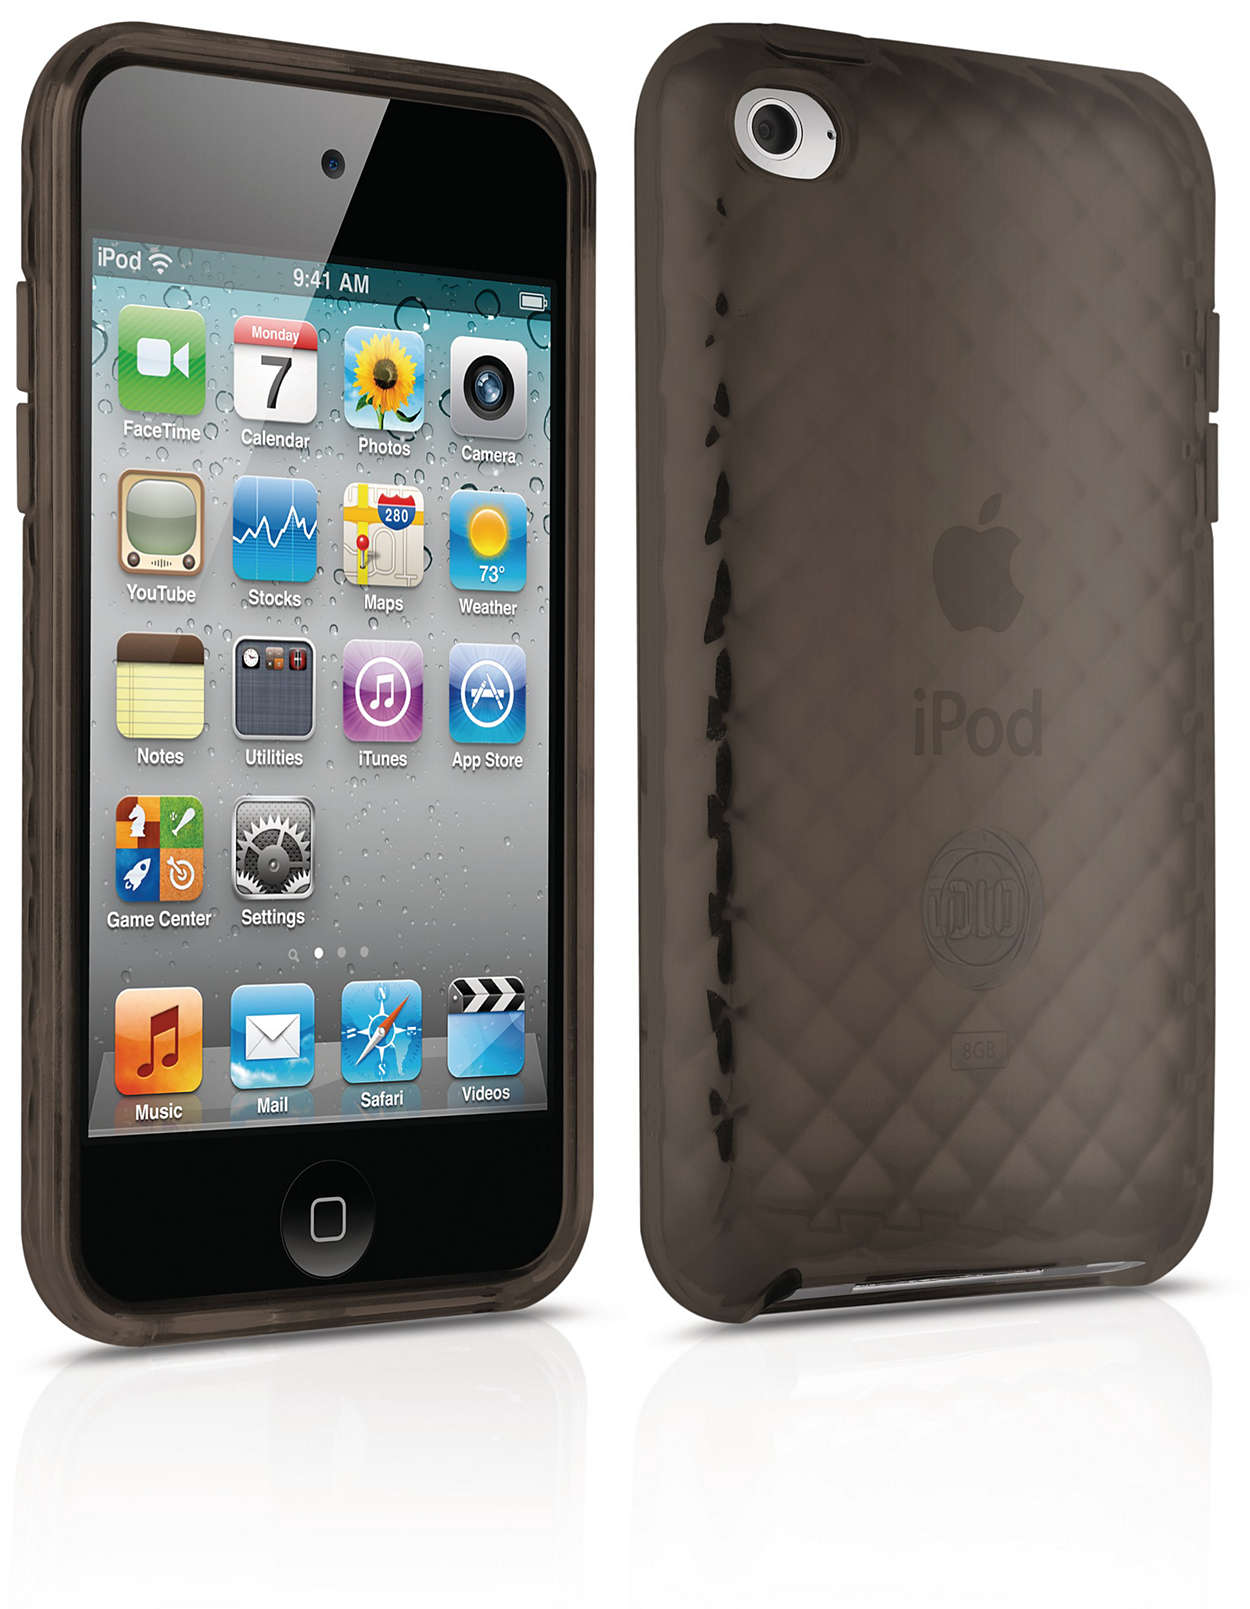 Protégez votre iPod à l'aide d'un étui souple